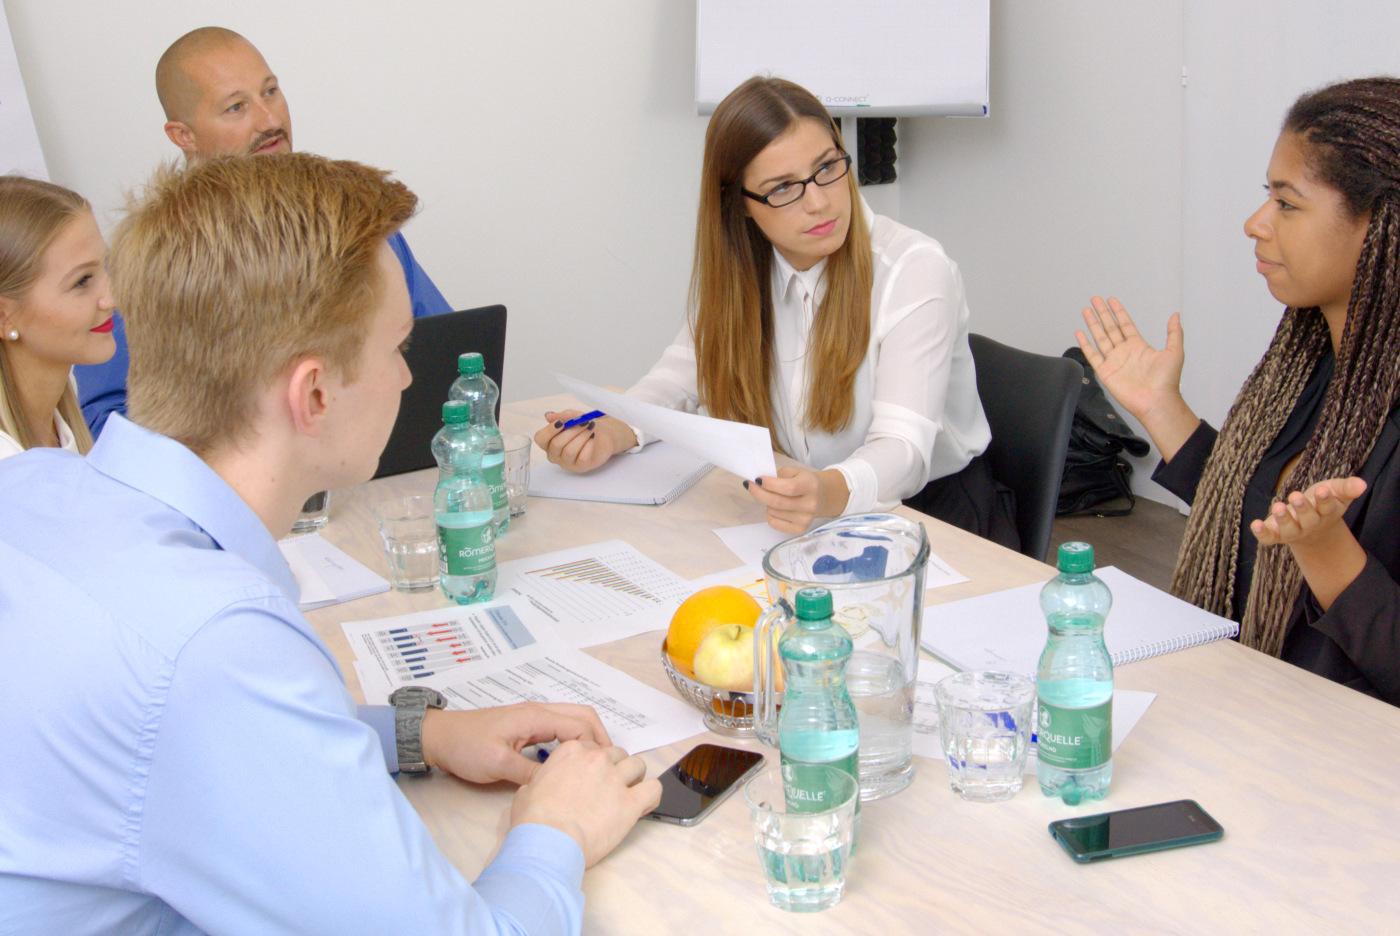 Geschäftsleute hören einer Kollegin aufmerksam zu